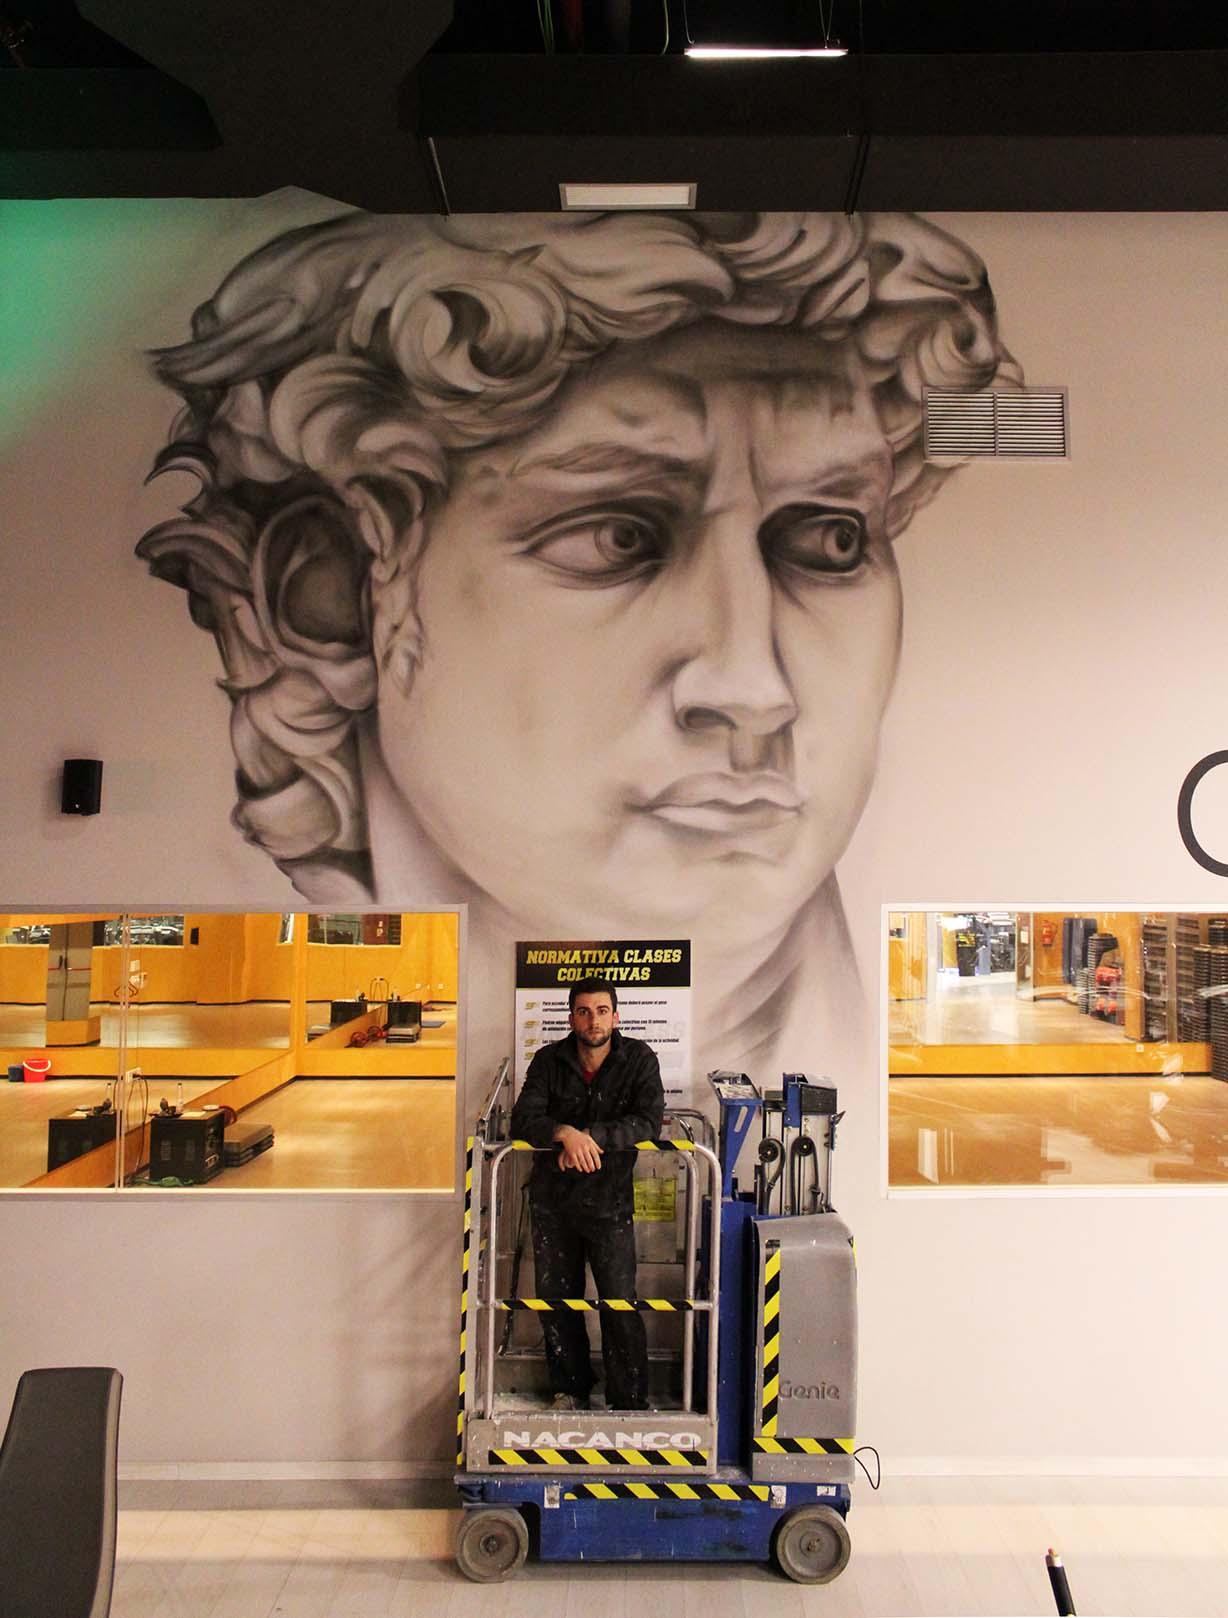 SoenBravo | Nine Fitness| Pintor de murales especializado en trabajos artísticos de pintura, graffiti y decoración en Madrid